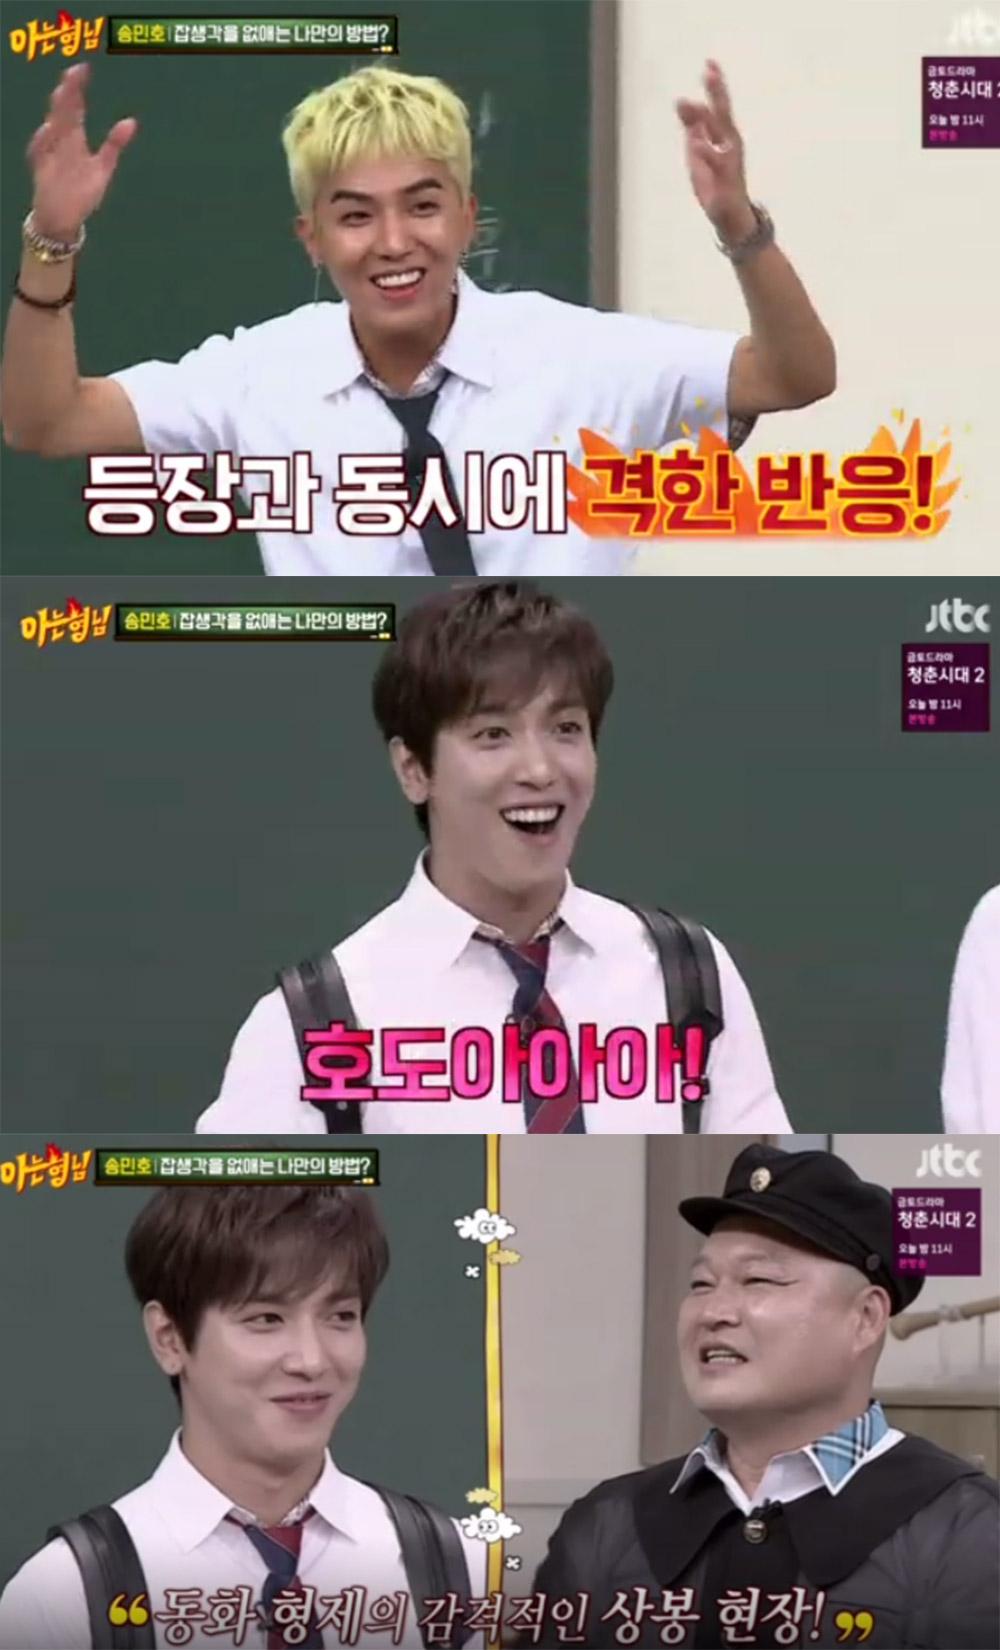 [리뷰] '아는 형님' 강호동, 그가 생각하는 최고의 내 동생은 '이승기'…'송민호 패배'